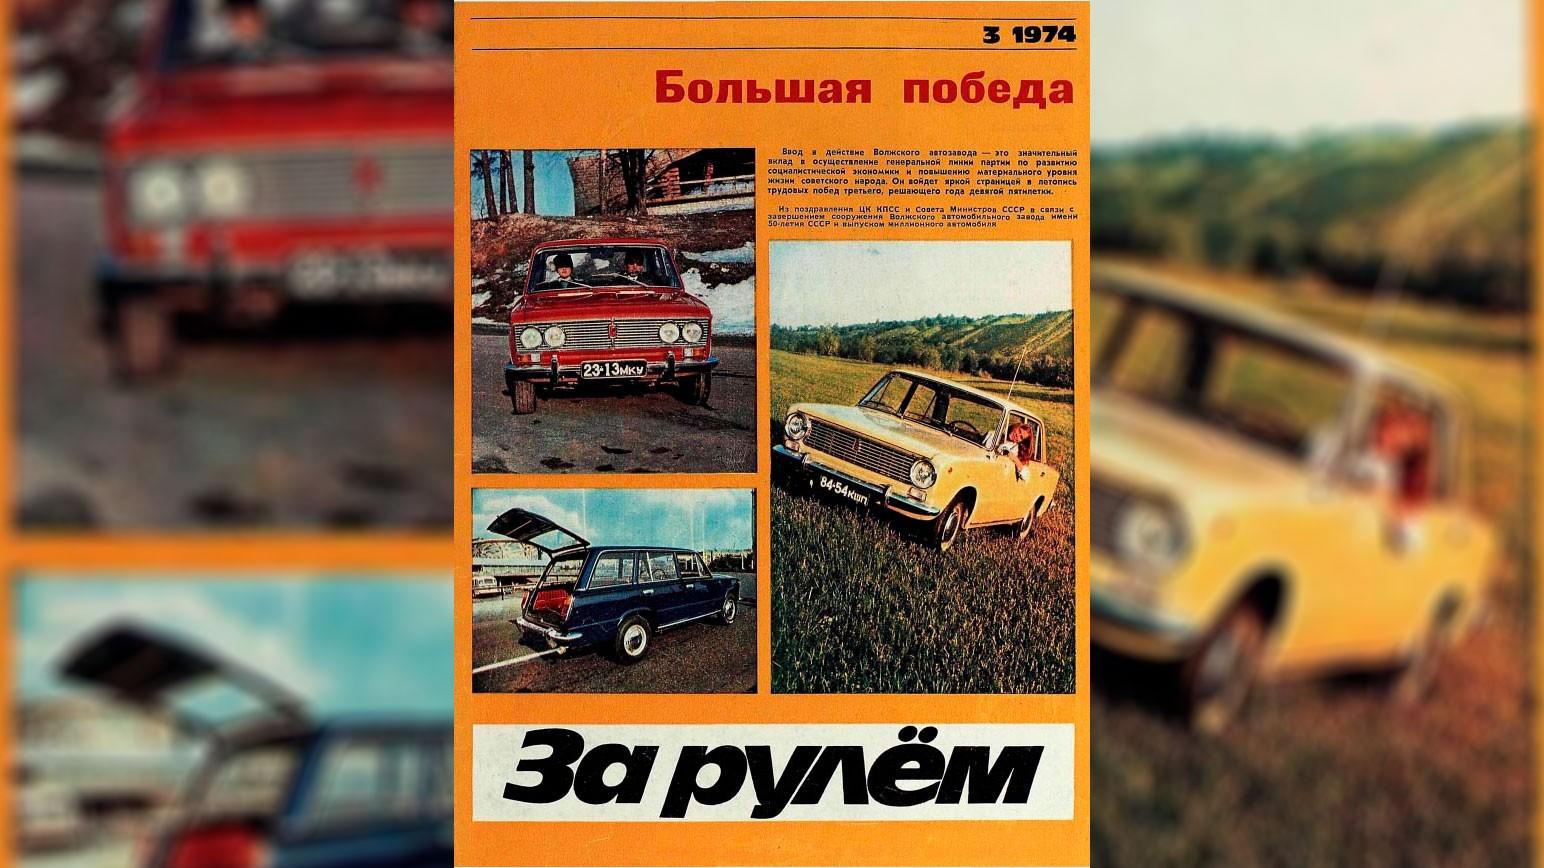 Подробное описание новой модели вышло в журнале «За Рулём» уже в начале 1973 года. Однако на обложку «трёшка» попала лишь в следующем году